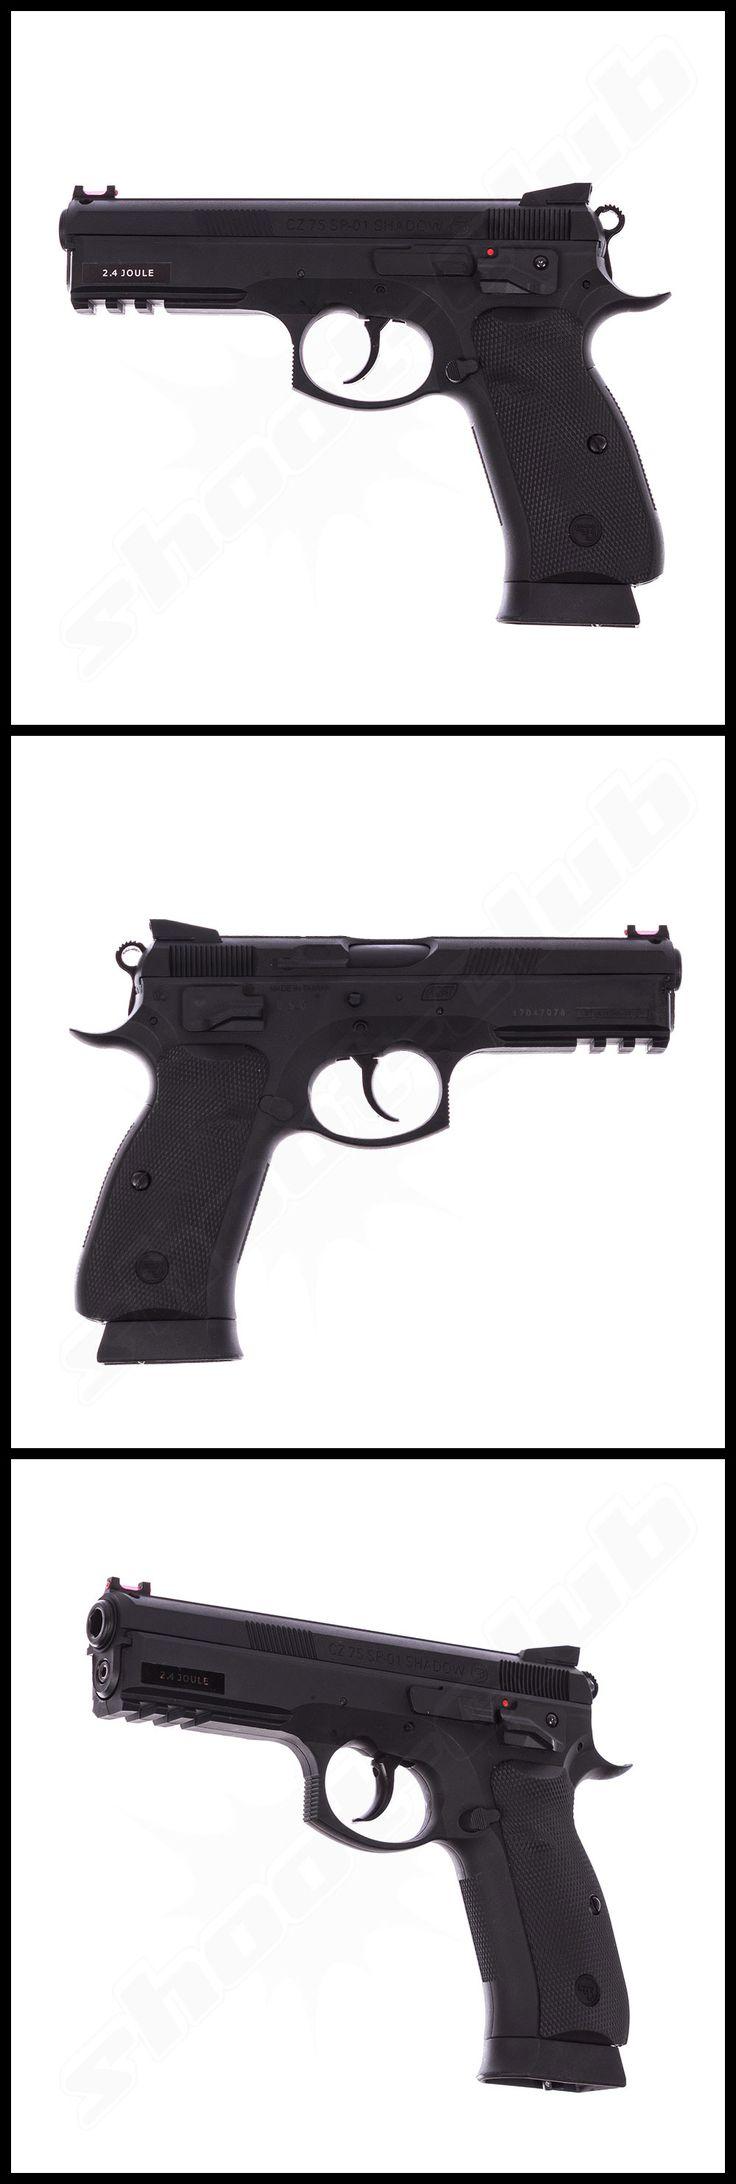 CZ SP-01 Shadow NBB - Co² Pistole im Kaliber 4,5 mm BB    - weitere Informationen und Produkte findet Ihr auf www.shoot-club.de -    #shootclub #pistol #pistole #guns